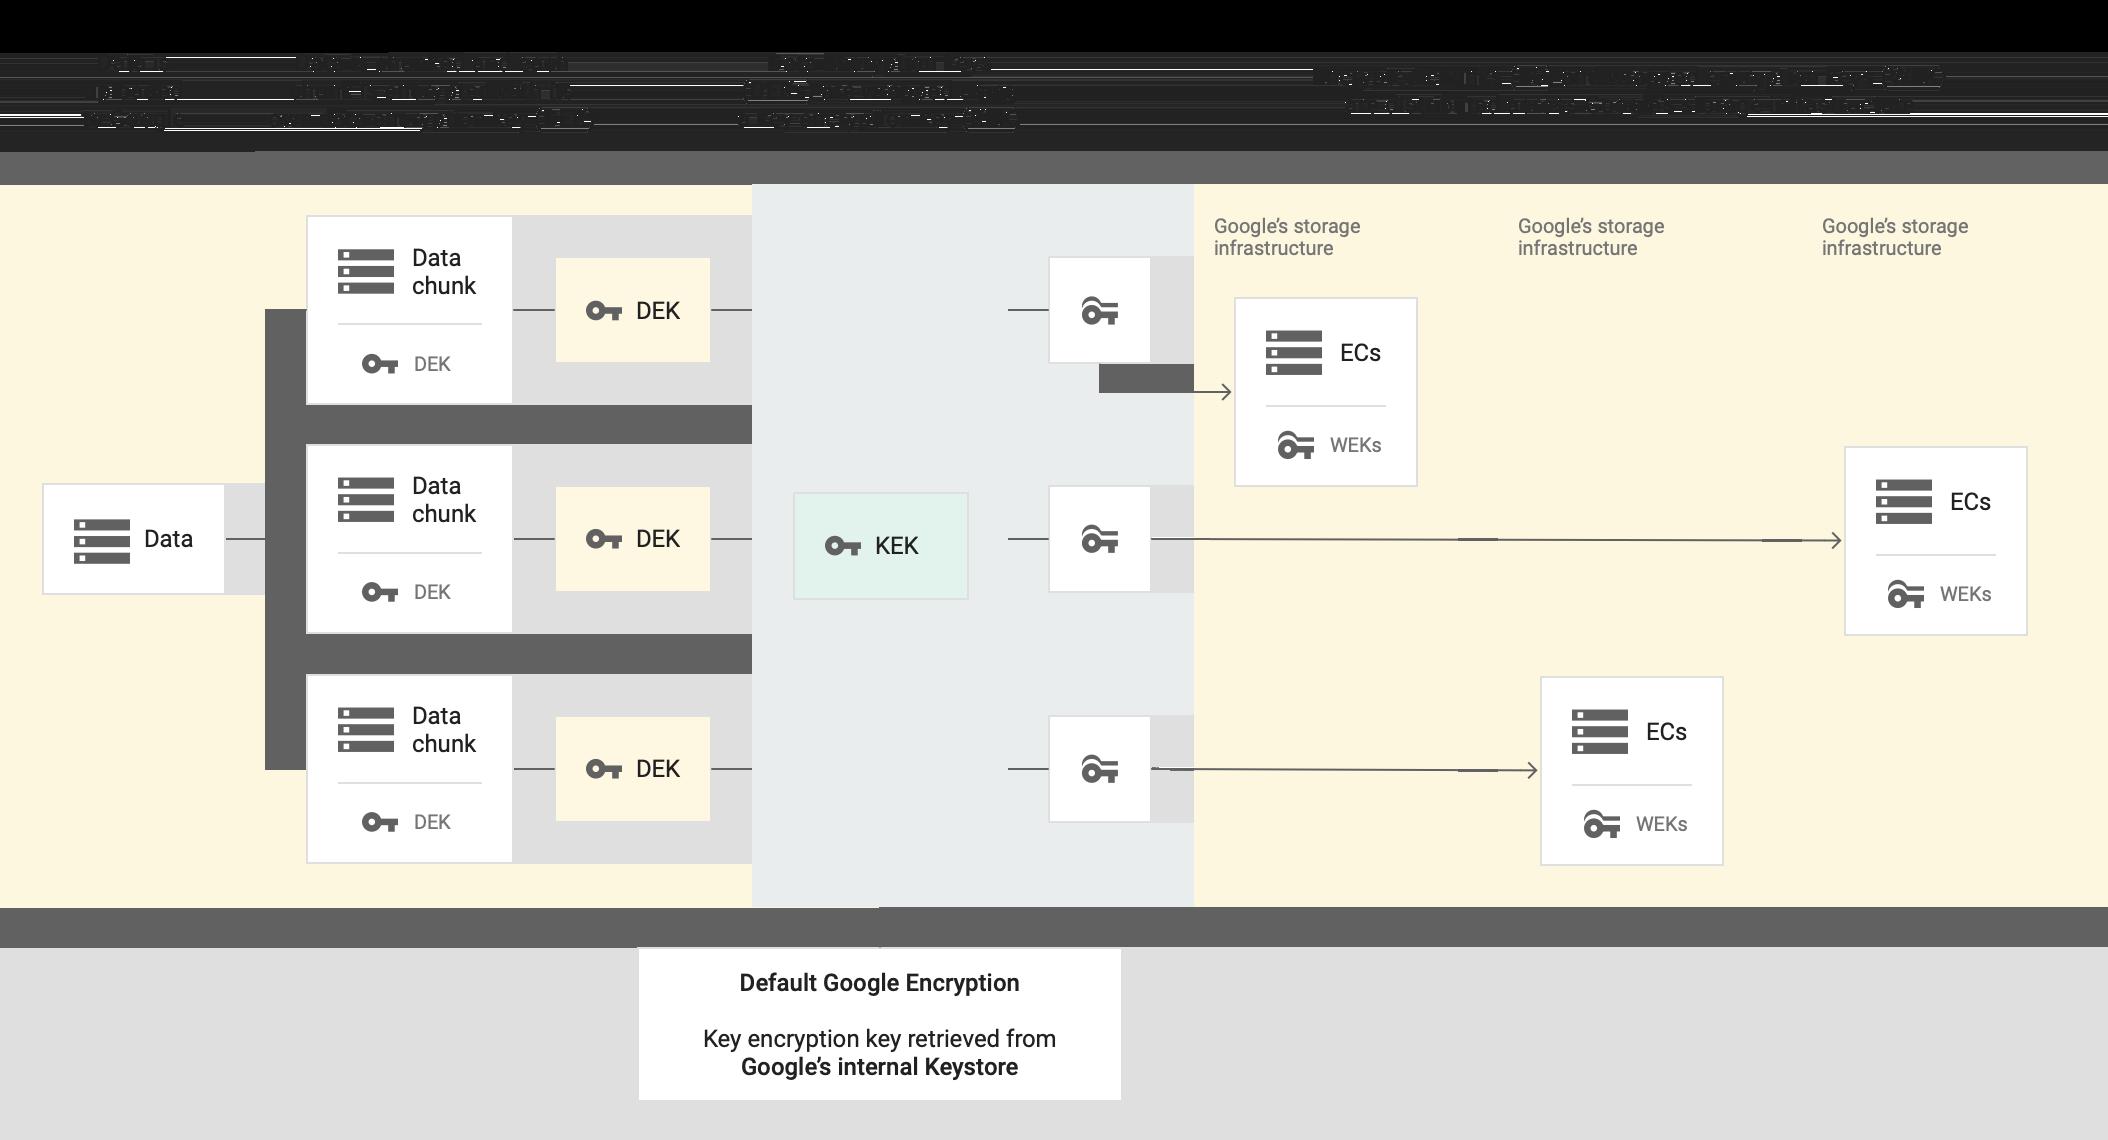 Die Daten werden auf Google hochgeladen, dann in Blöcke aufgeteilt und jeder Block wird mit einem eigenen Datenverschlüsselungsschlüssel verschlüsselt. Datenverschlüsselungsschlüssel werden mit einem Schlüsselverschlüsselungsschlüssel verpackt. Bei der standardmäßigen Google-Verschlüsselung wird der Schlüsselverschlüsselungsschlüssel aus dem internen Schlüsselspeicher von Google abgerufen. Verschlüsselte Blöcke und verpackte Verschlüsselungsschlüssel werden über die Speicherinfrastruktur von Google verteilt.